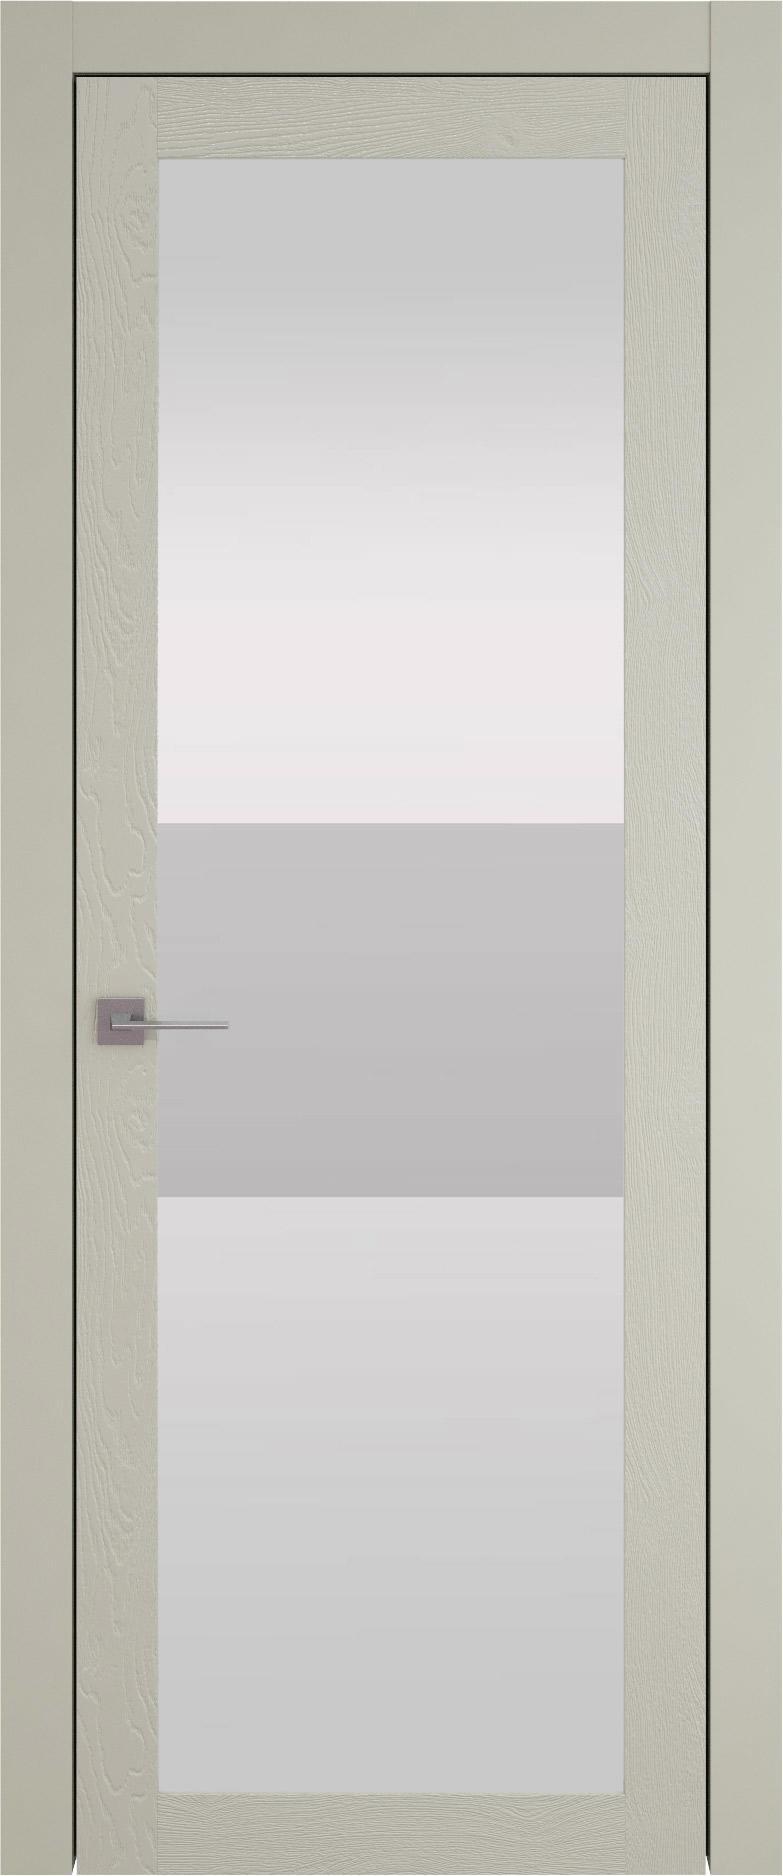 Tivoli З-4 цвет - Серо-оливковая эмаль по шпону (RAL 7032) Со стеклом (ДО)